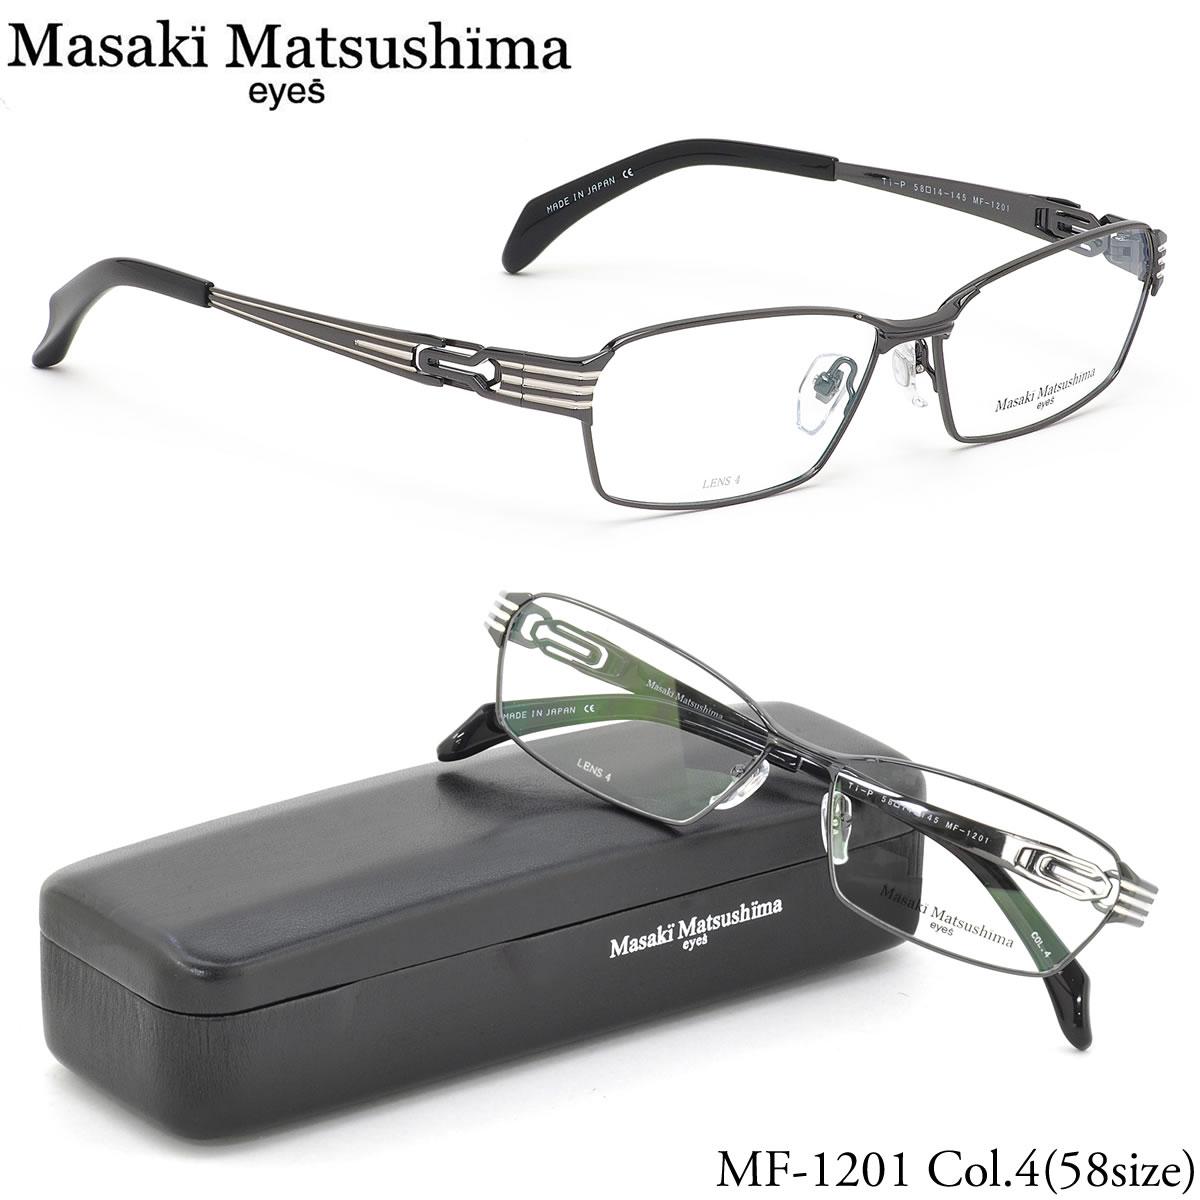 ほぼ全品ポイント15倍~最大34倍+2倍! 【マサキ マツシマ】 (Masaki Matsushima) メガネMF-1201 4 58サイズ日本製 スクエア MasakiMatsushima メンズ レディース